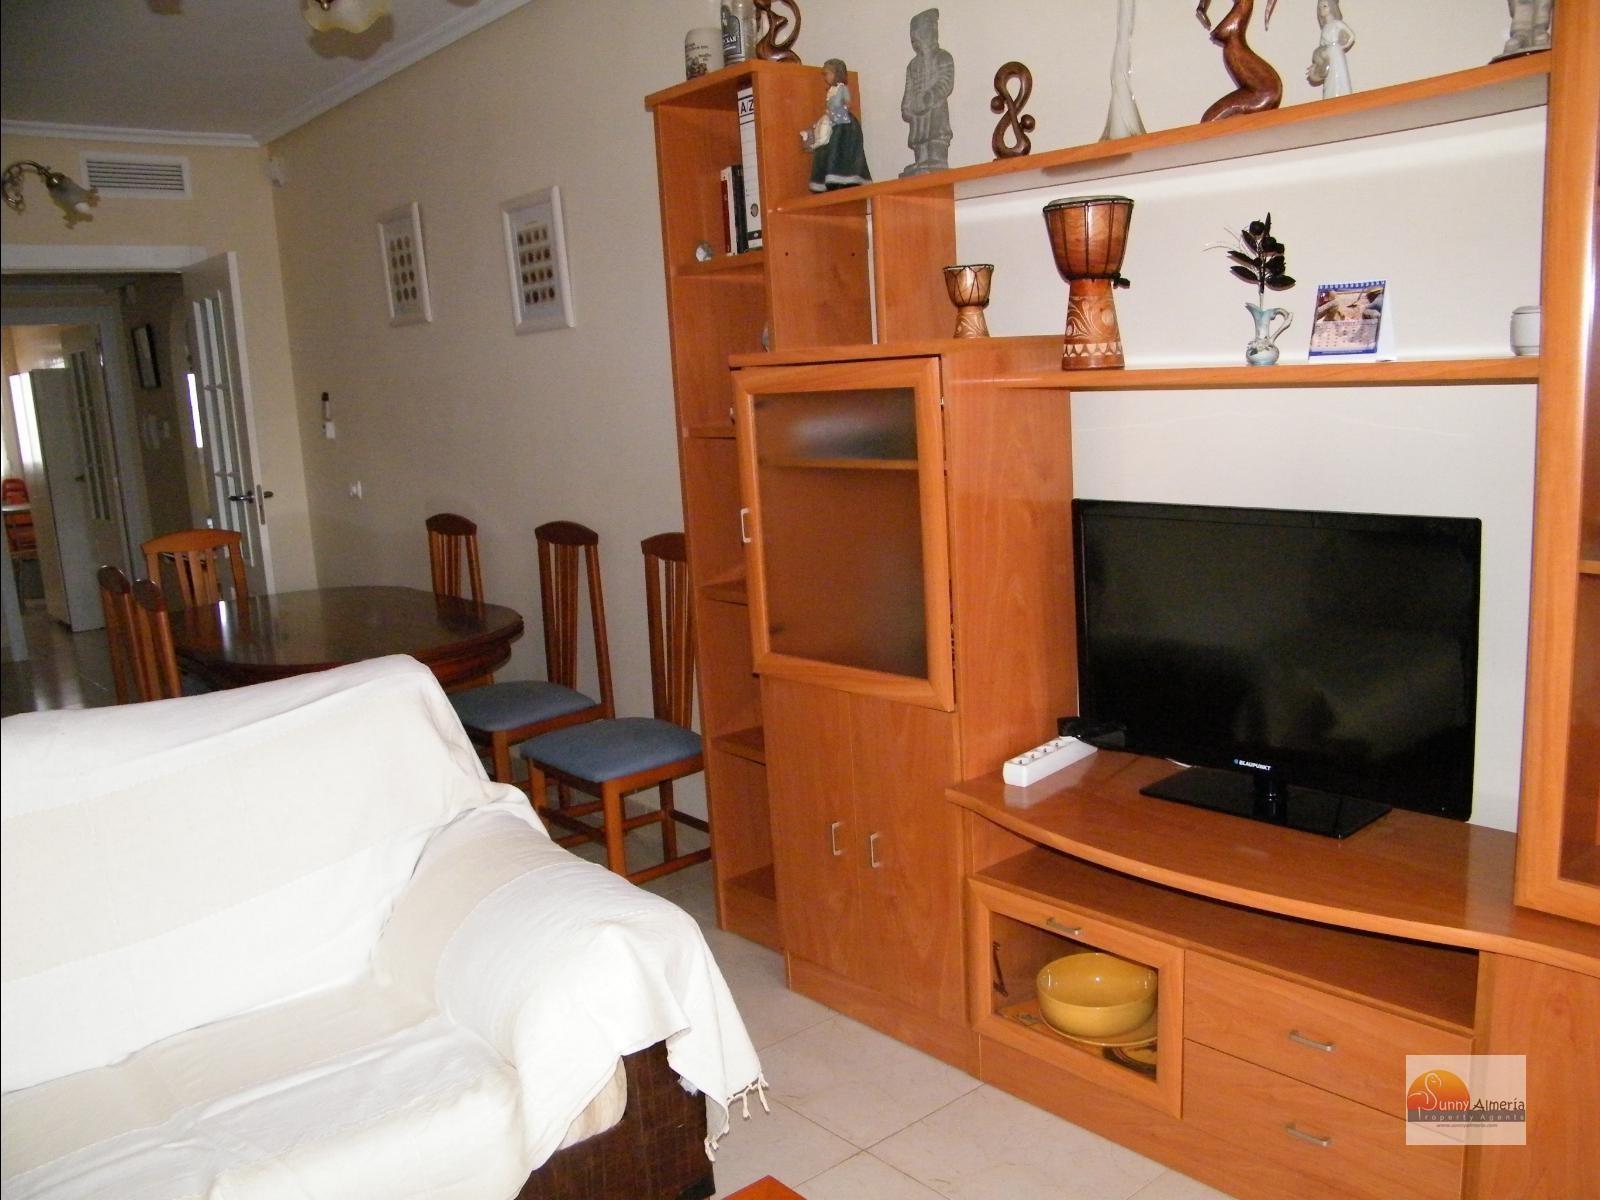 Luxury Apartment for rent in Calle Fosforito 4 (Roquetas de Mar), 750 €/month (Season)